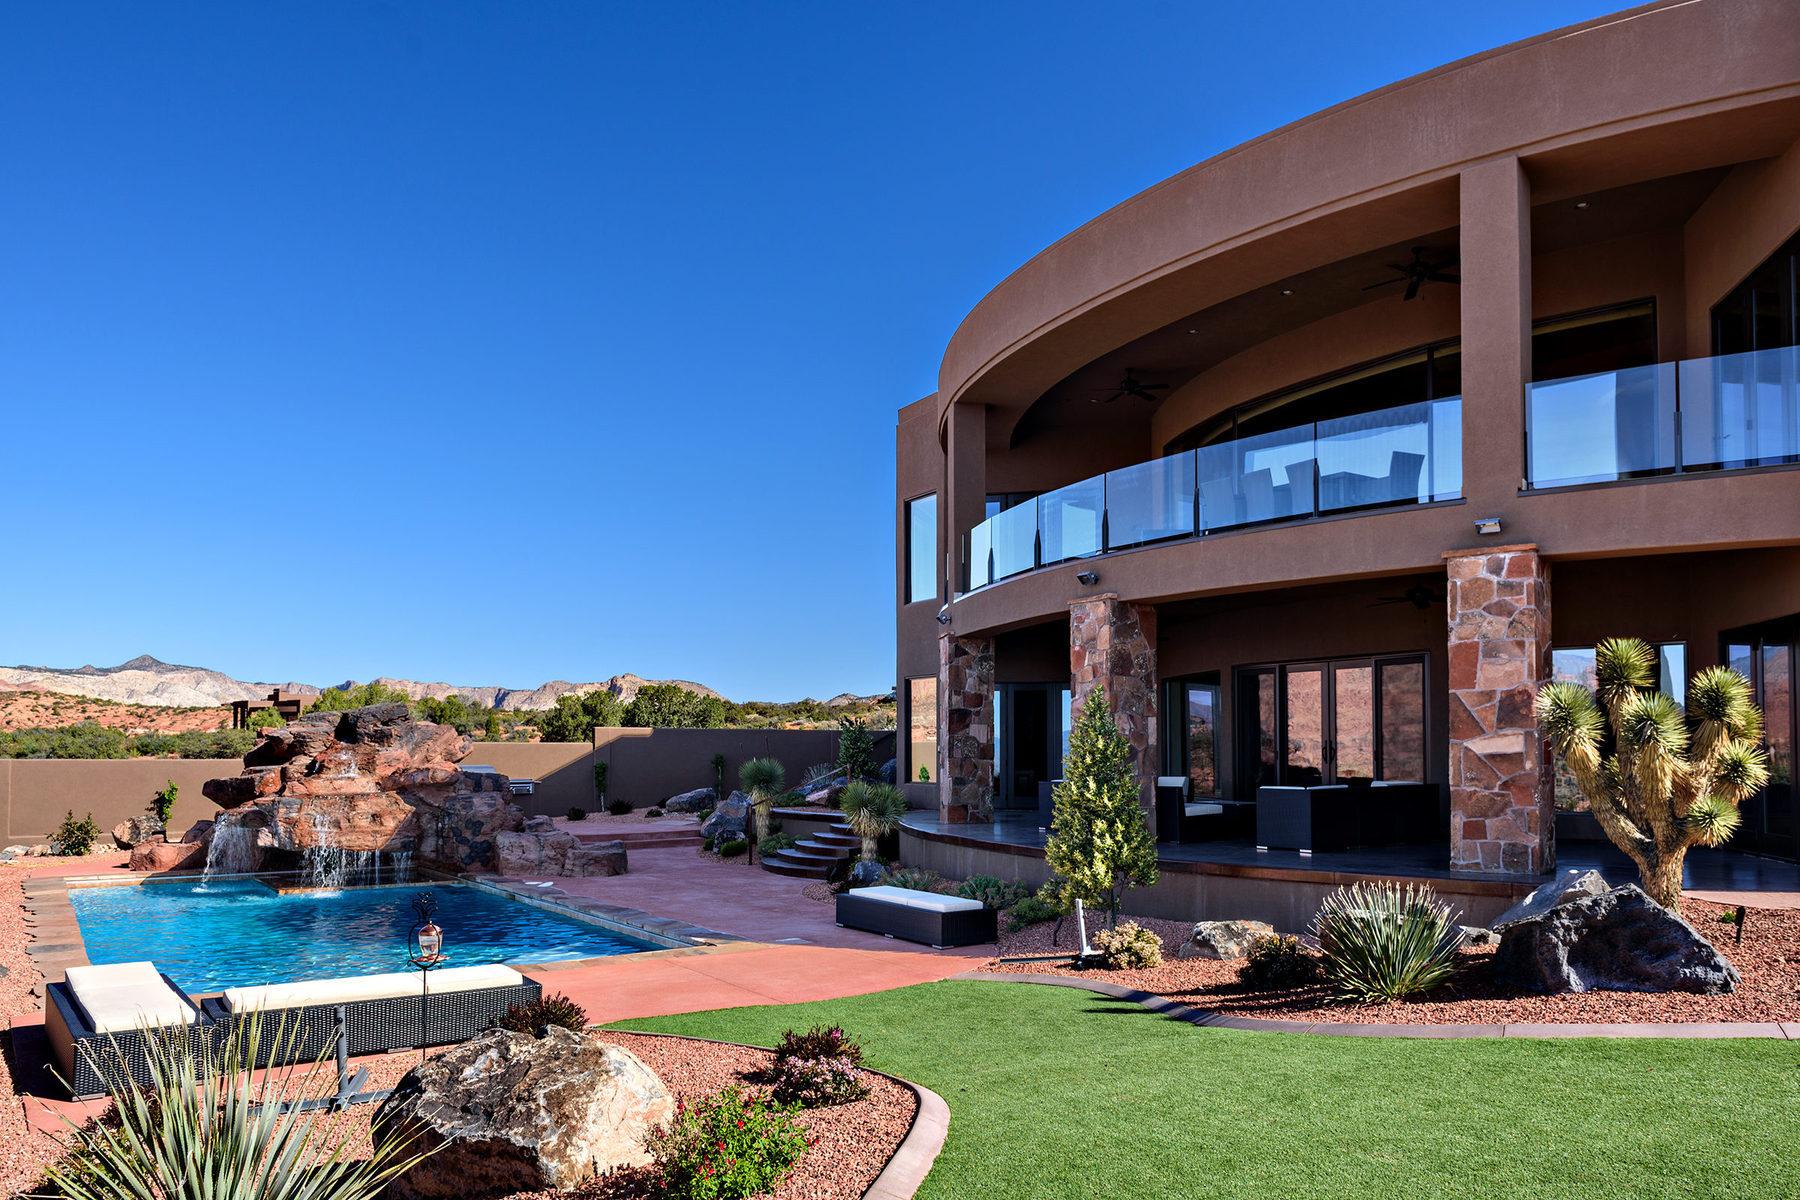 Stunning house in utah for sale gtspirit for Utah house